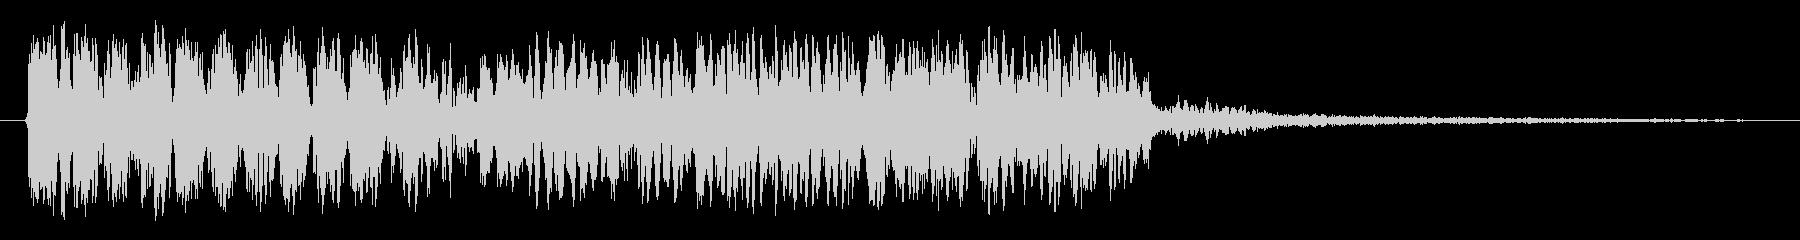 ローラーの未再生の波形